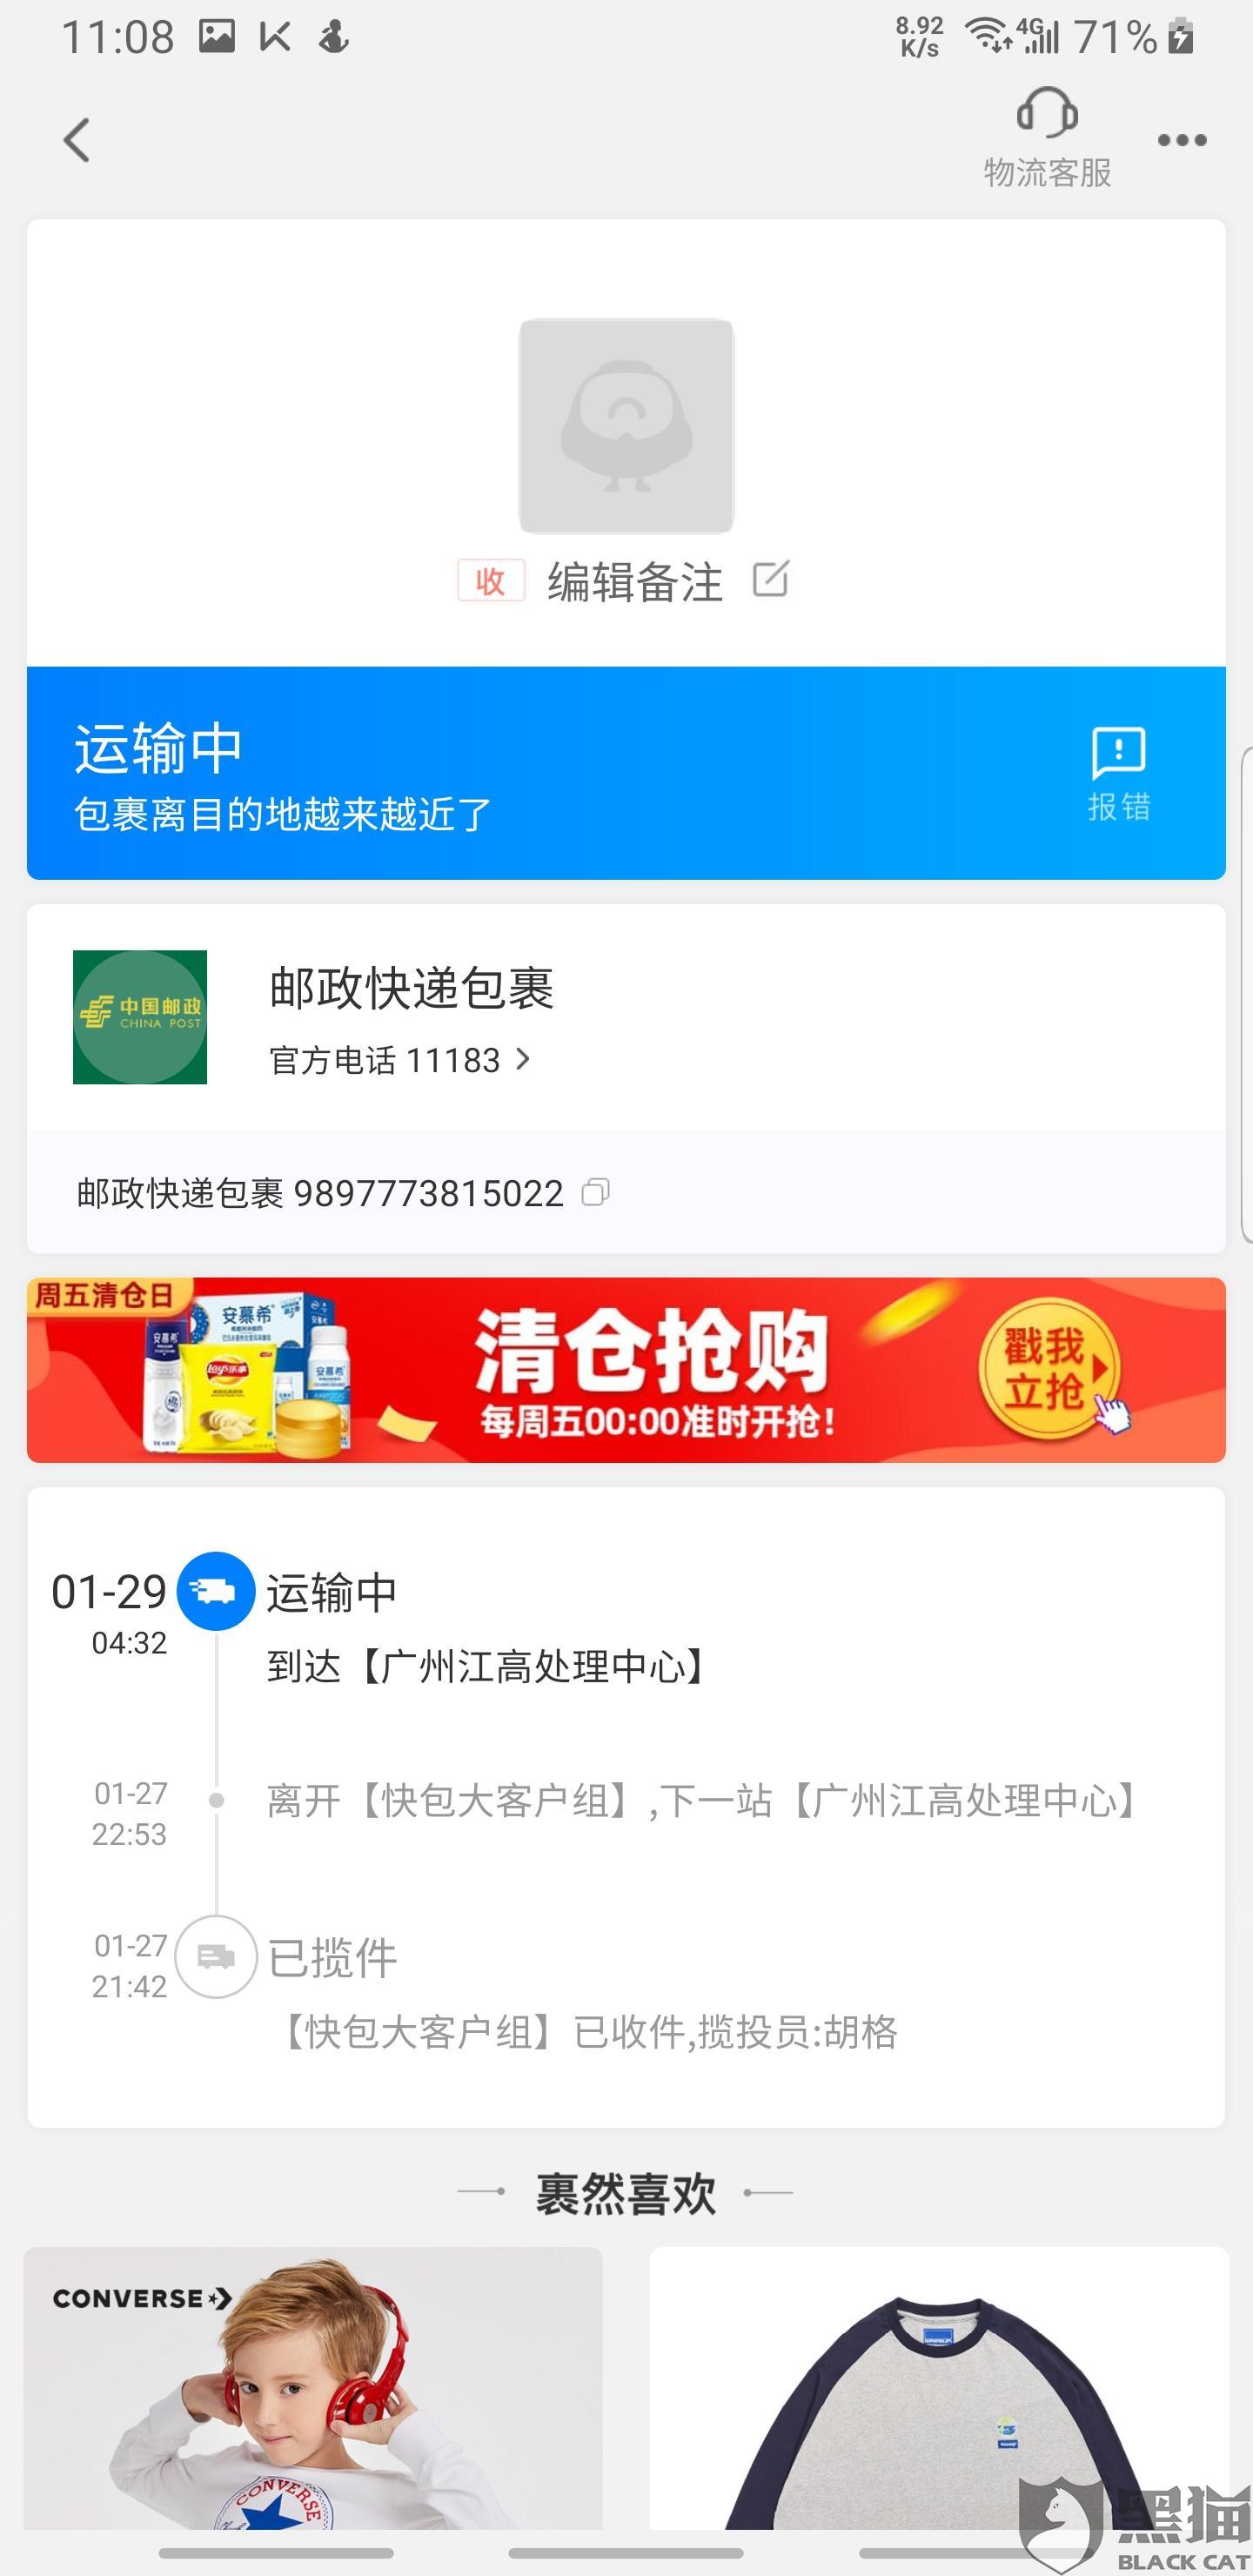 黑猫投诉:中国邮政快递不运送邮件,客服服务态度极差